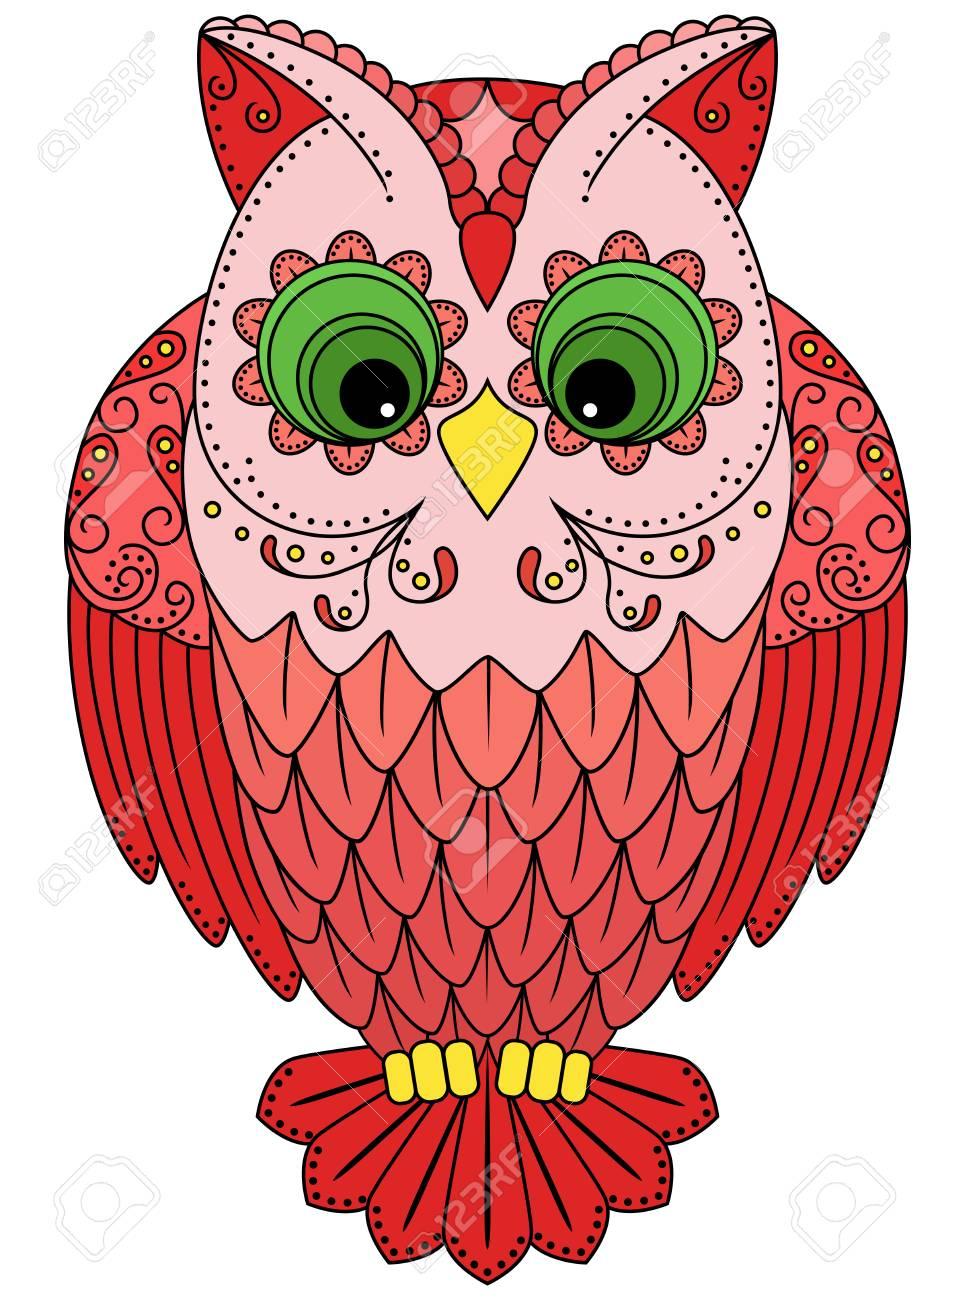 Colorido Búho Rojo Grande, Ilustración Vectorial Ornamentales Con ...